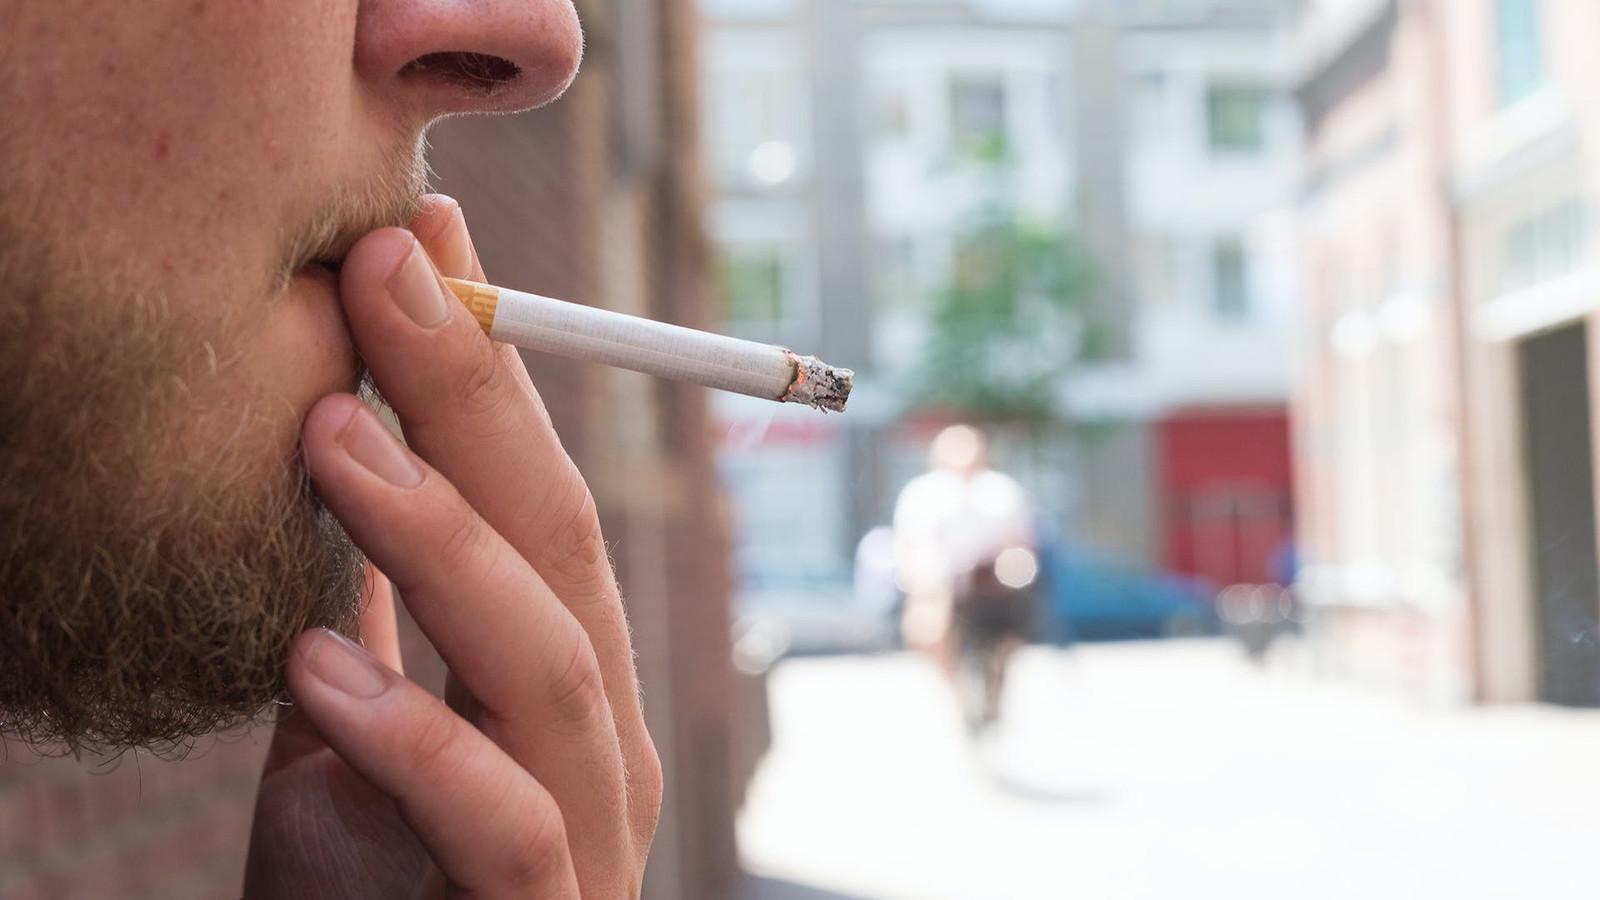 De gemeente wil dat alle Utrechtse kinderen in 2035 rookvrij opgroeien.